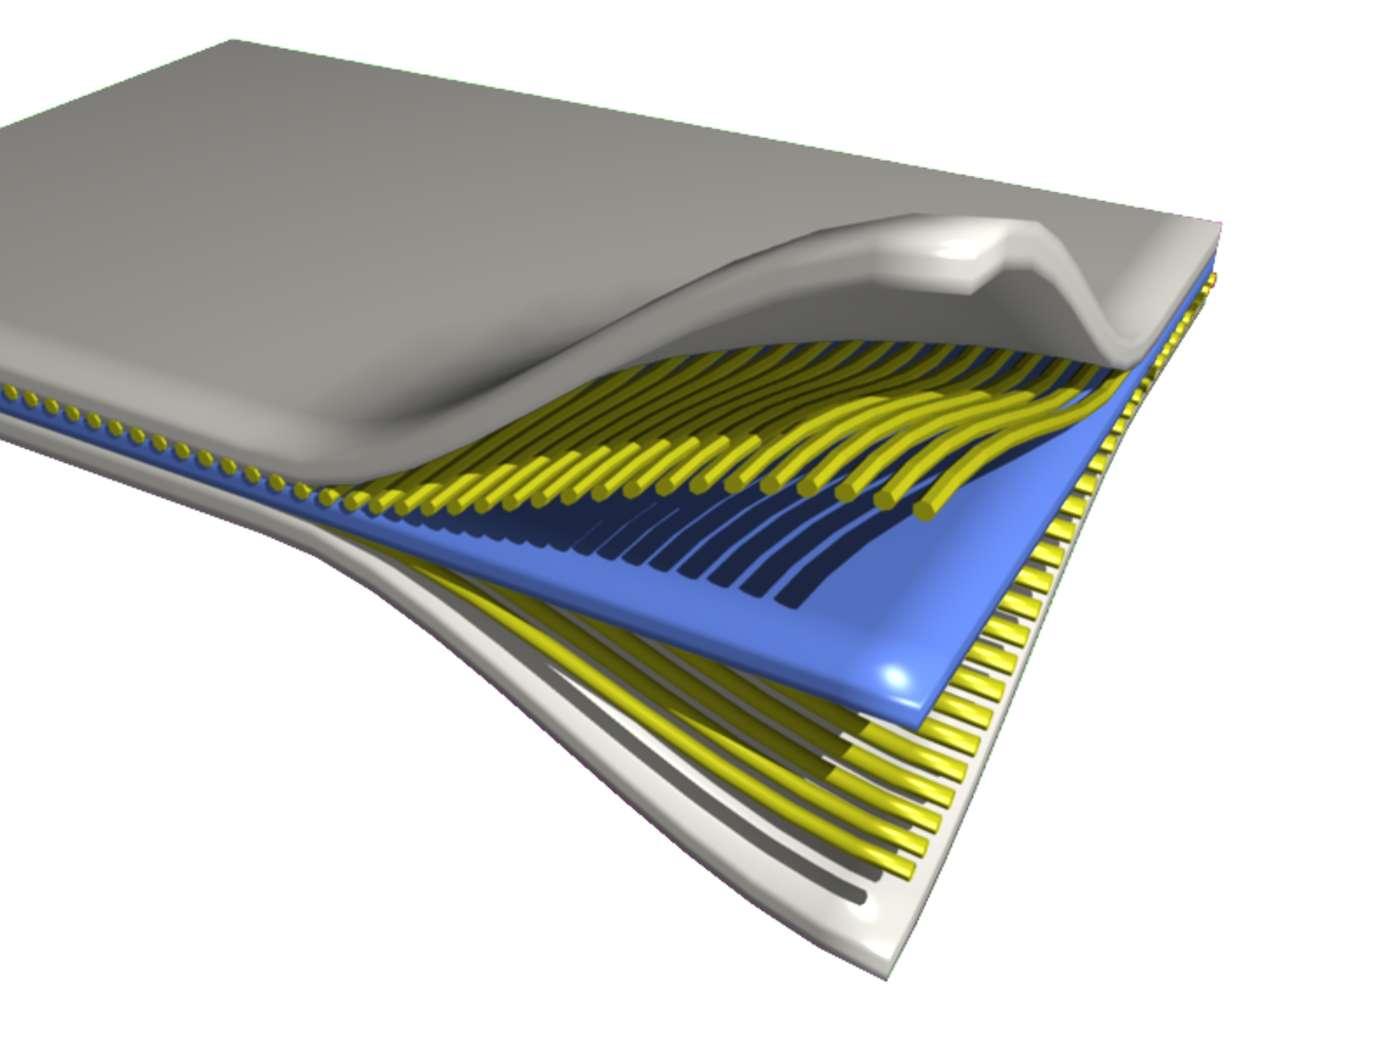 Les matériaux composites, dont on voit ici un exemple schématique, sont formés d'au moins deux composants dont les propriétés se complètent. Ils permettent notamment d'alléger certaines structures, comme celles des avions. Les nanocomposites pourraient bien leur succéder ; ils se présentent comme les matériaux du futur. © PerOX, Wikimedia Commons, DP